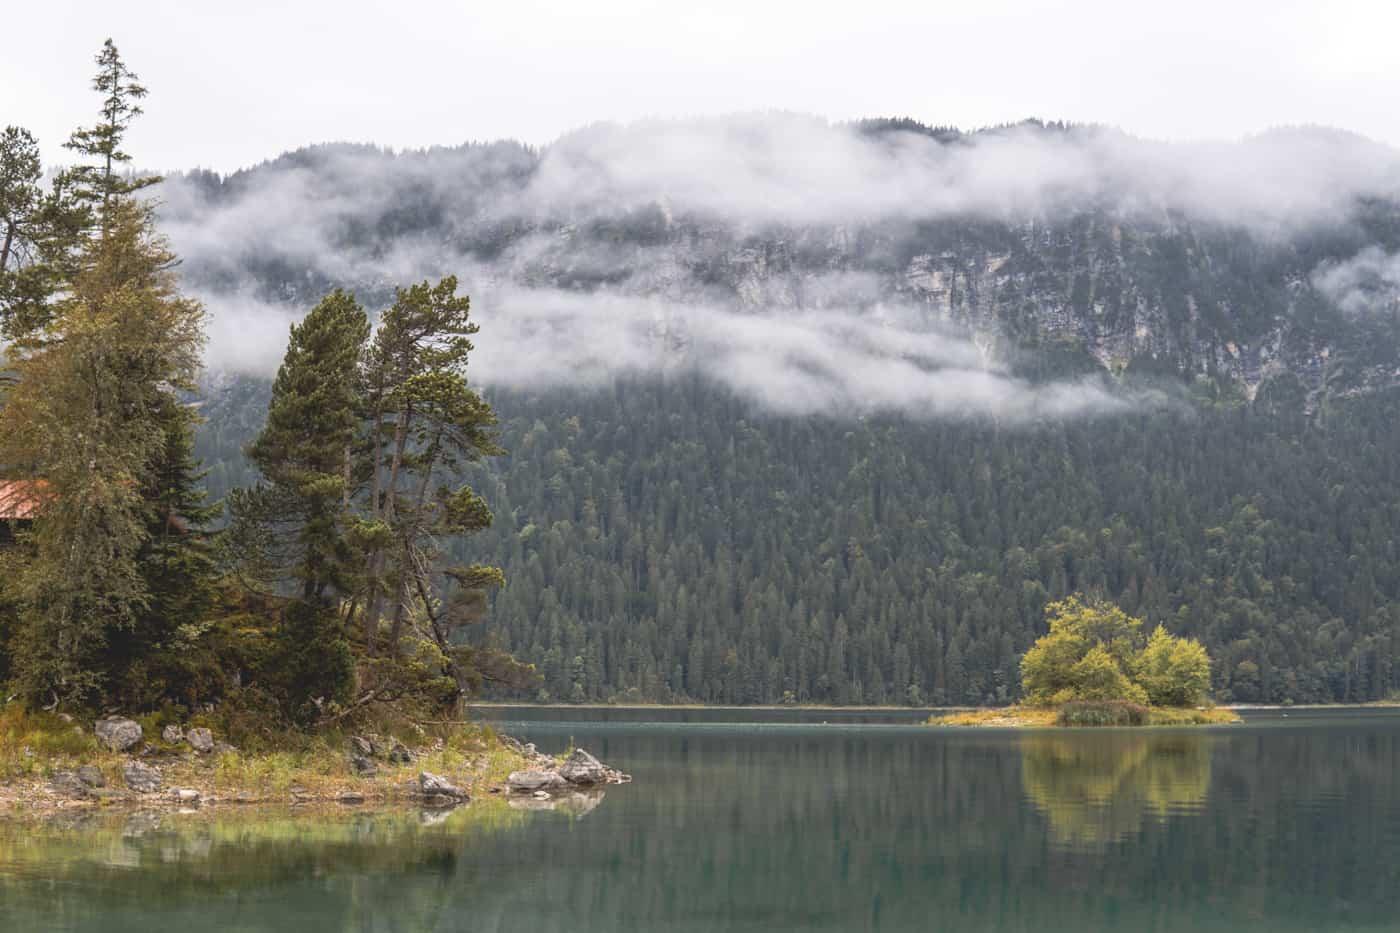 Lermoos - die schönsten Wanderungen & Ausflugsziele in der Zugspitz Region #4 - Eibsee